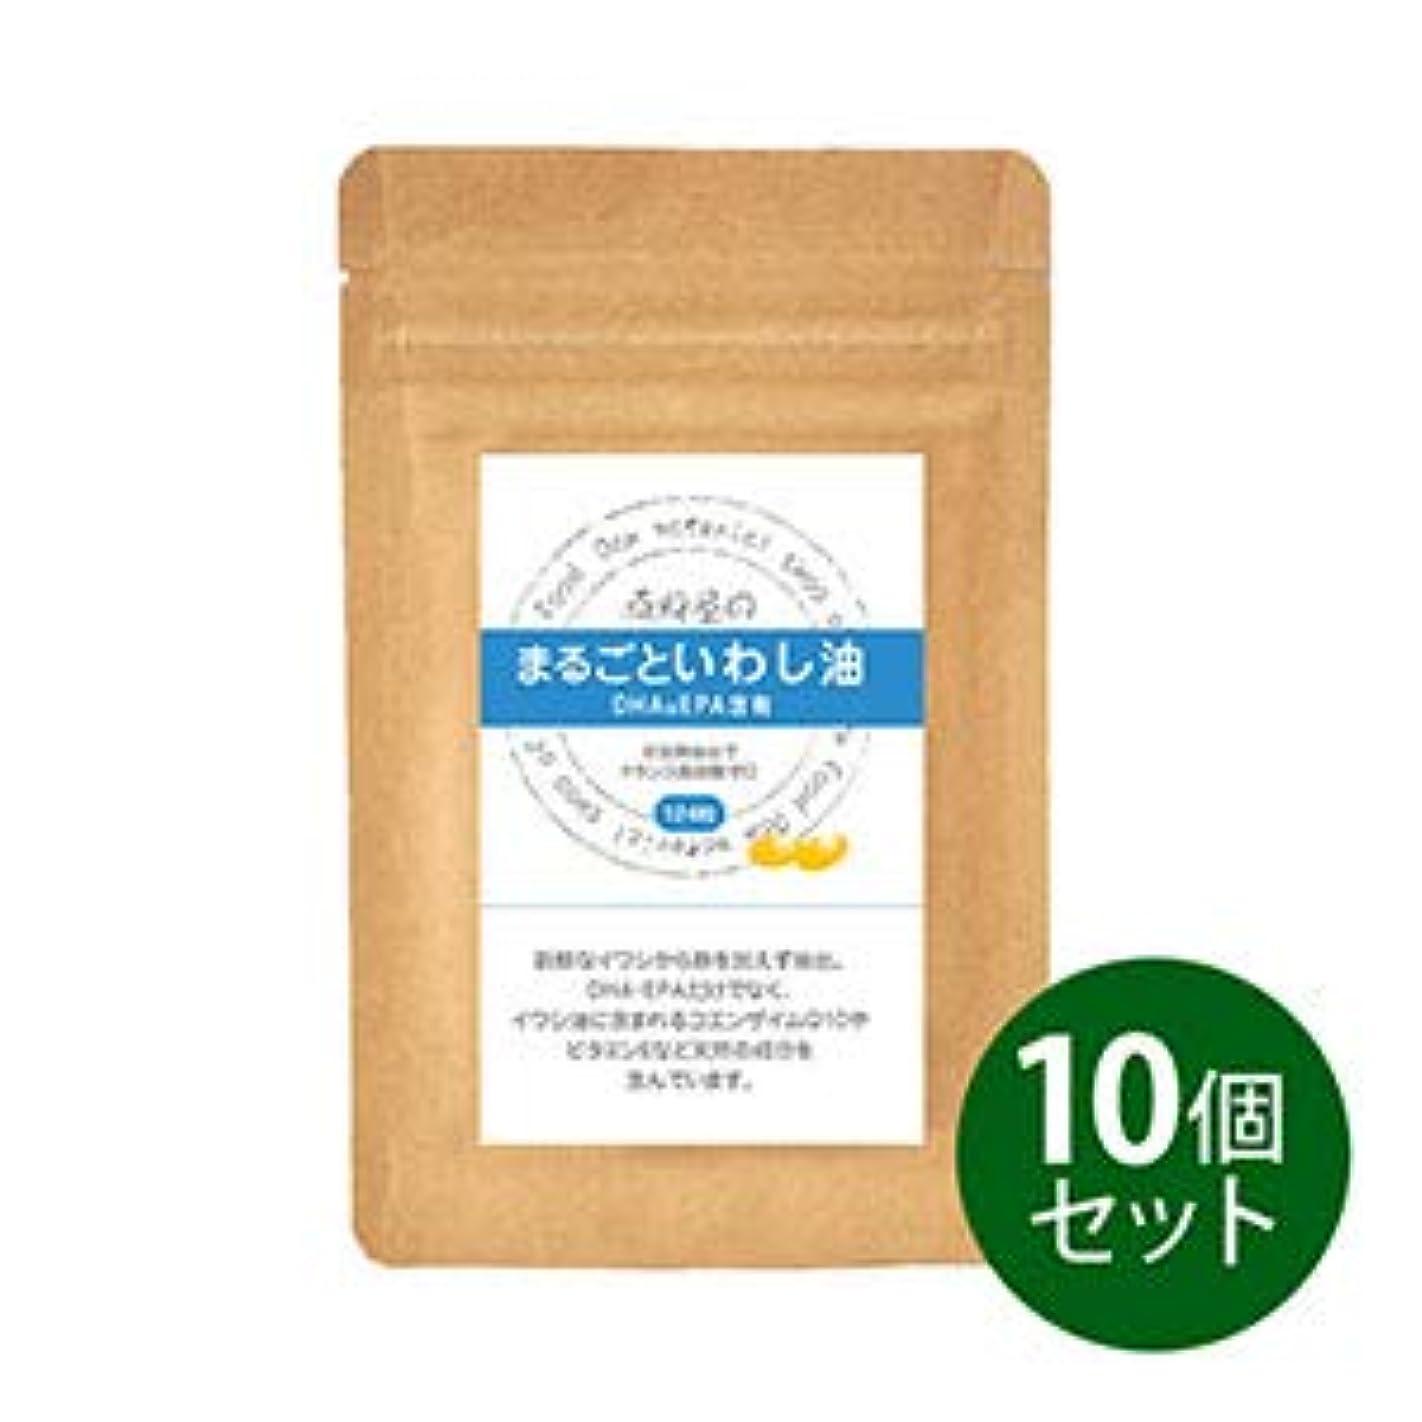 天気歌う作成者原料屋の【まとめ買い】まるごといわし油124粒×10個セット